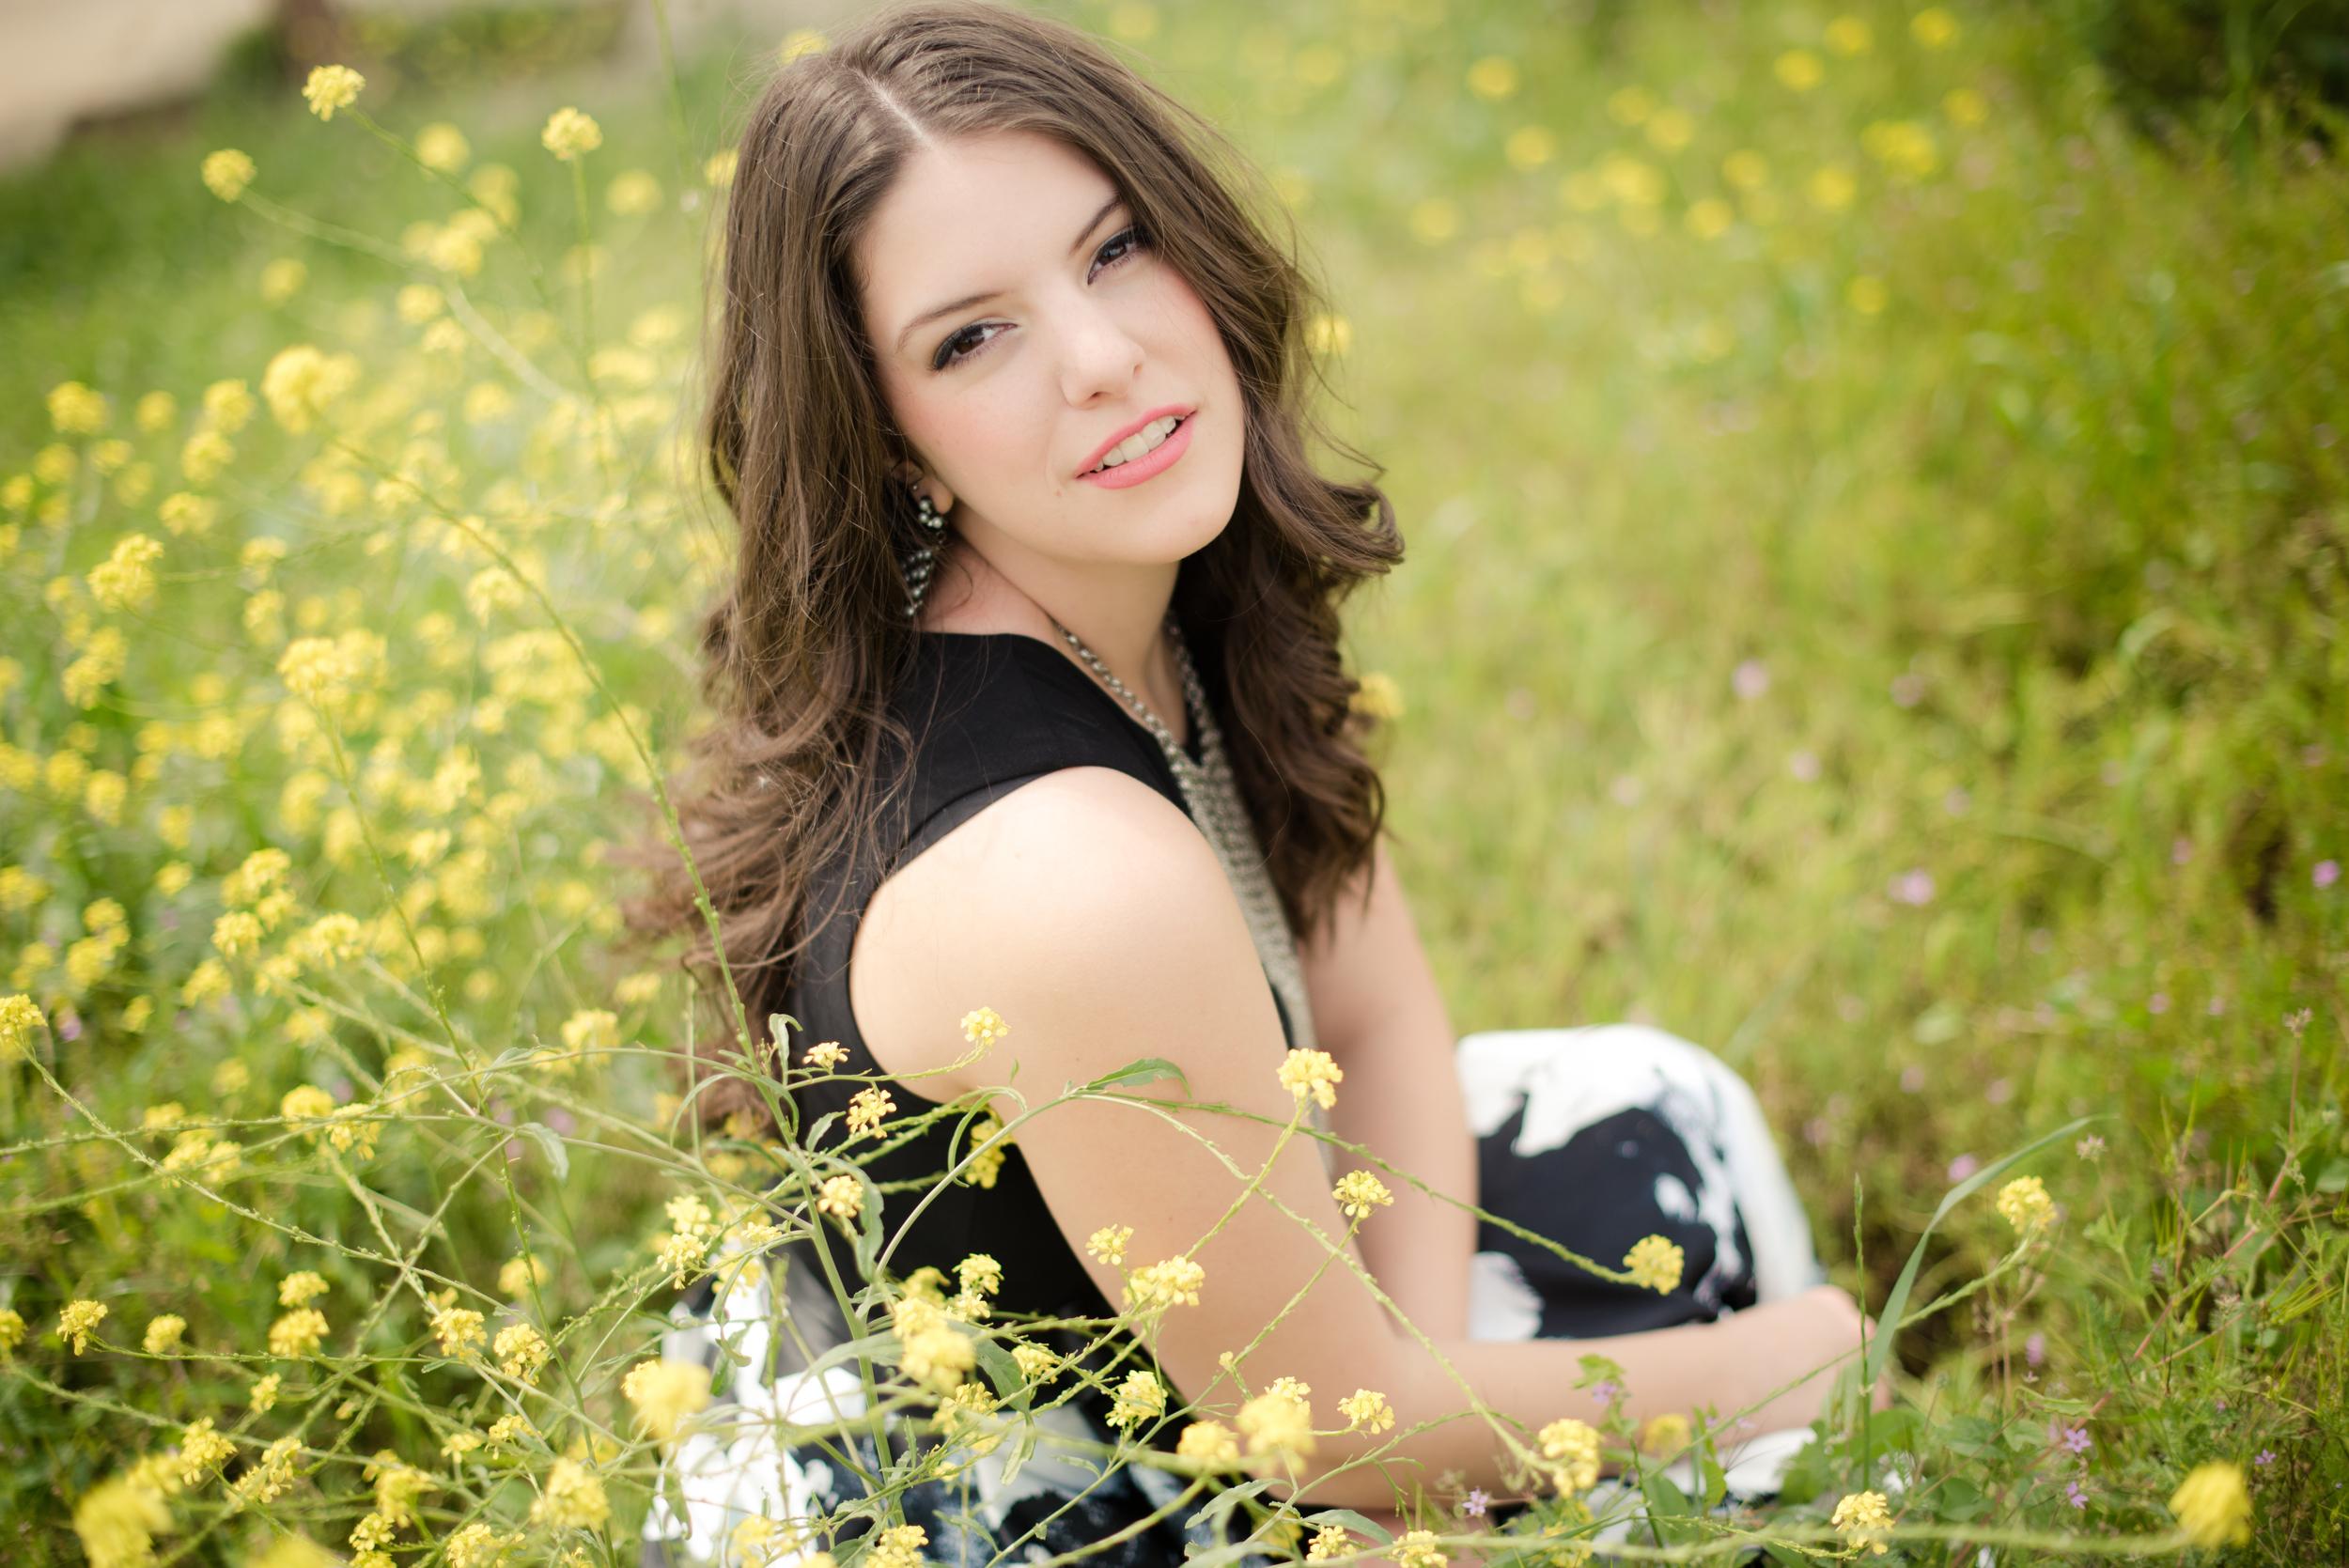 RachelBrewer_jessicasheppard.com-116.jpg